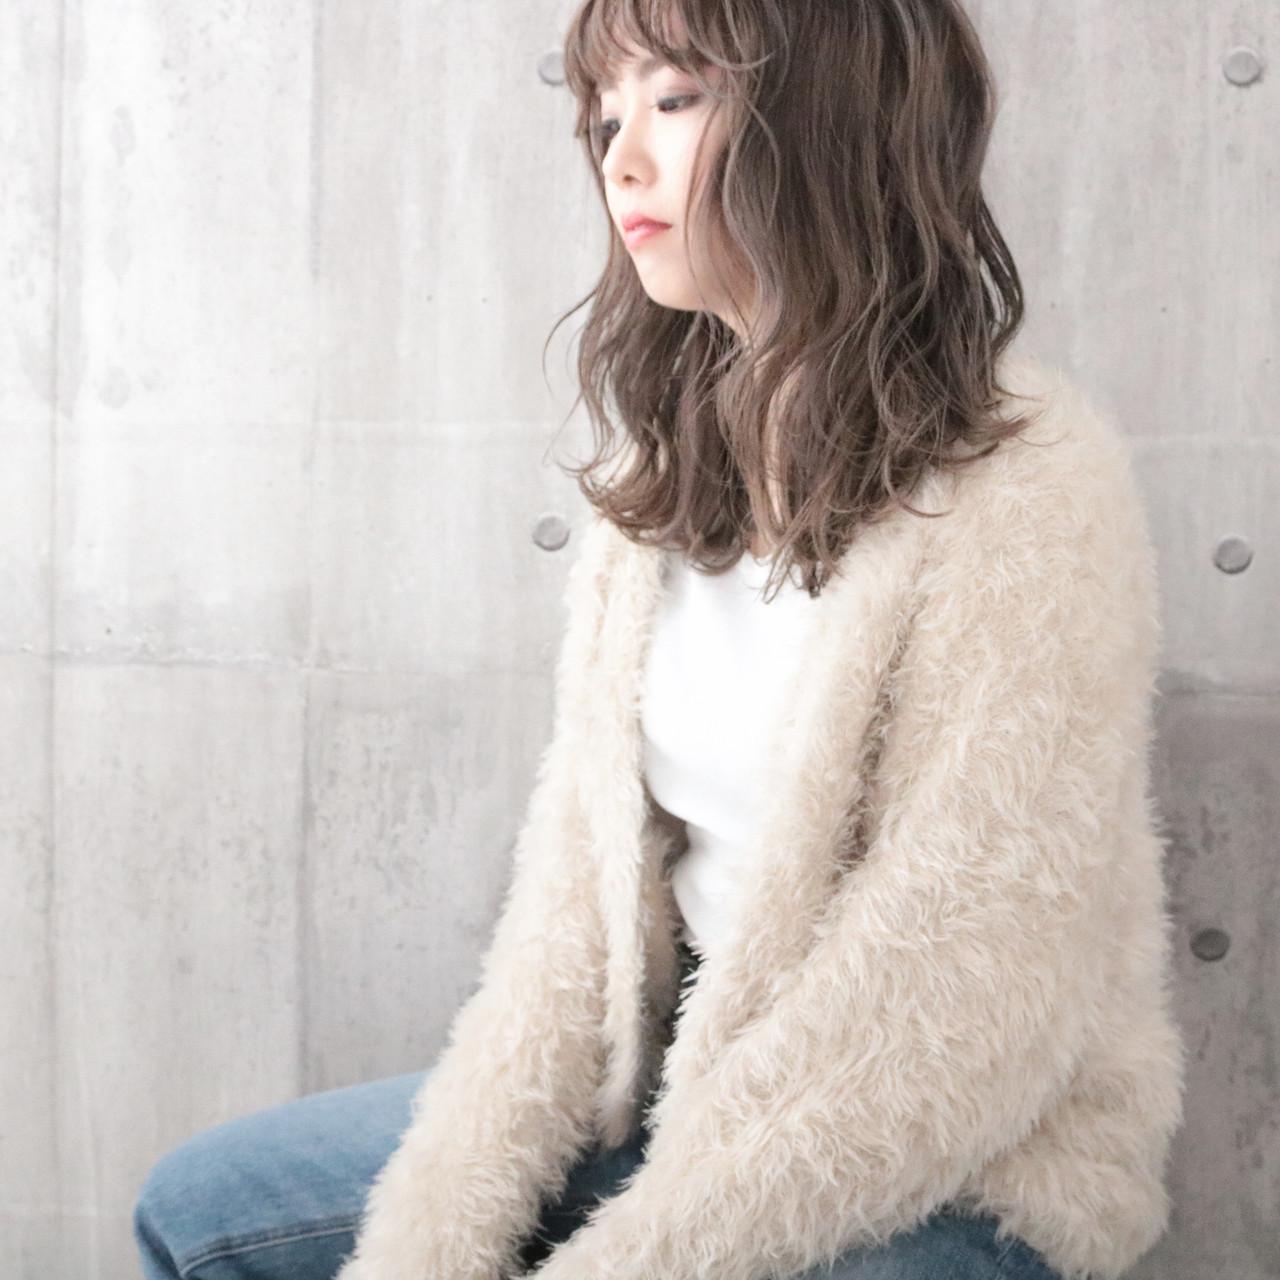 ミルクティーグレージュ ナチュラル 外国人風カラー ロング ヘアスタイルや髪型の写真・画像 | 中村明俊 / HAVANA 天神